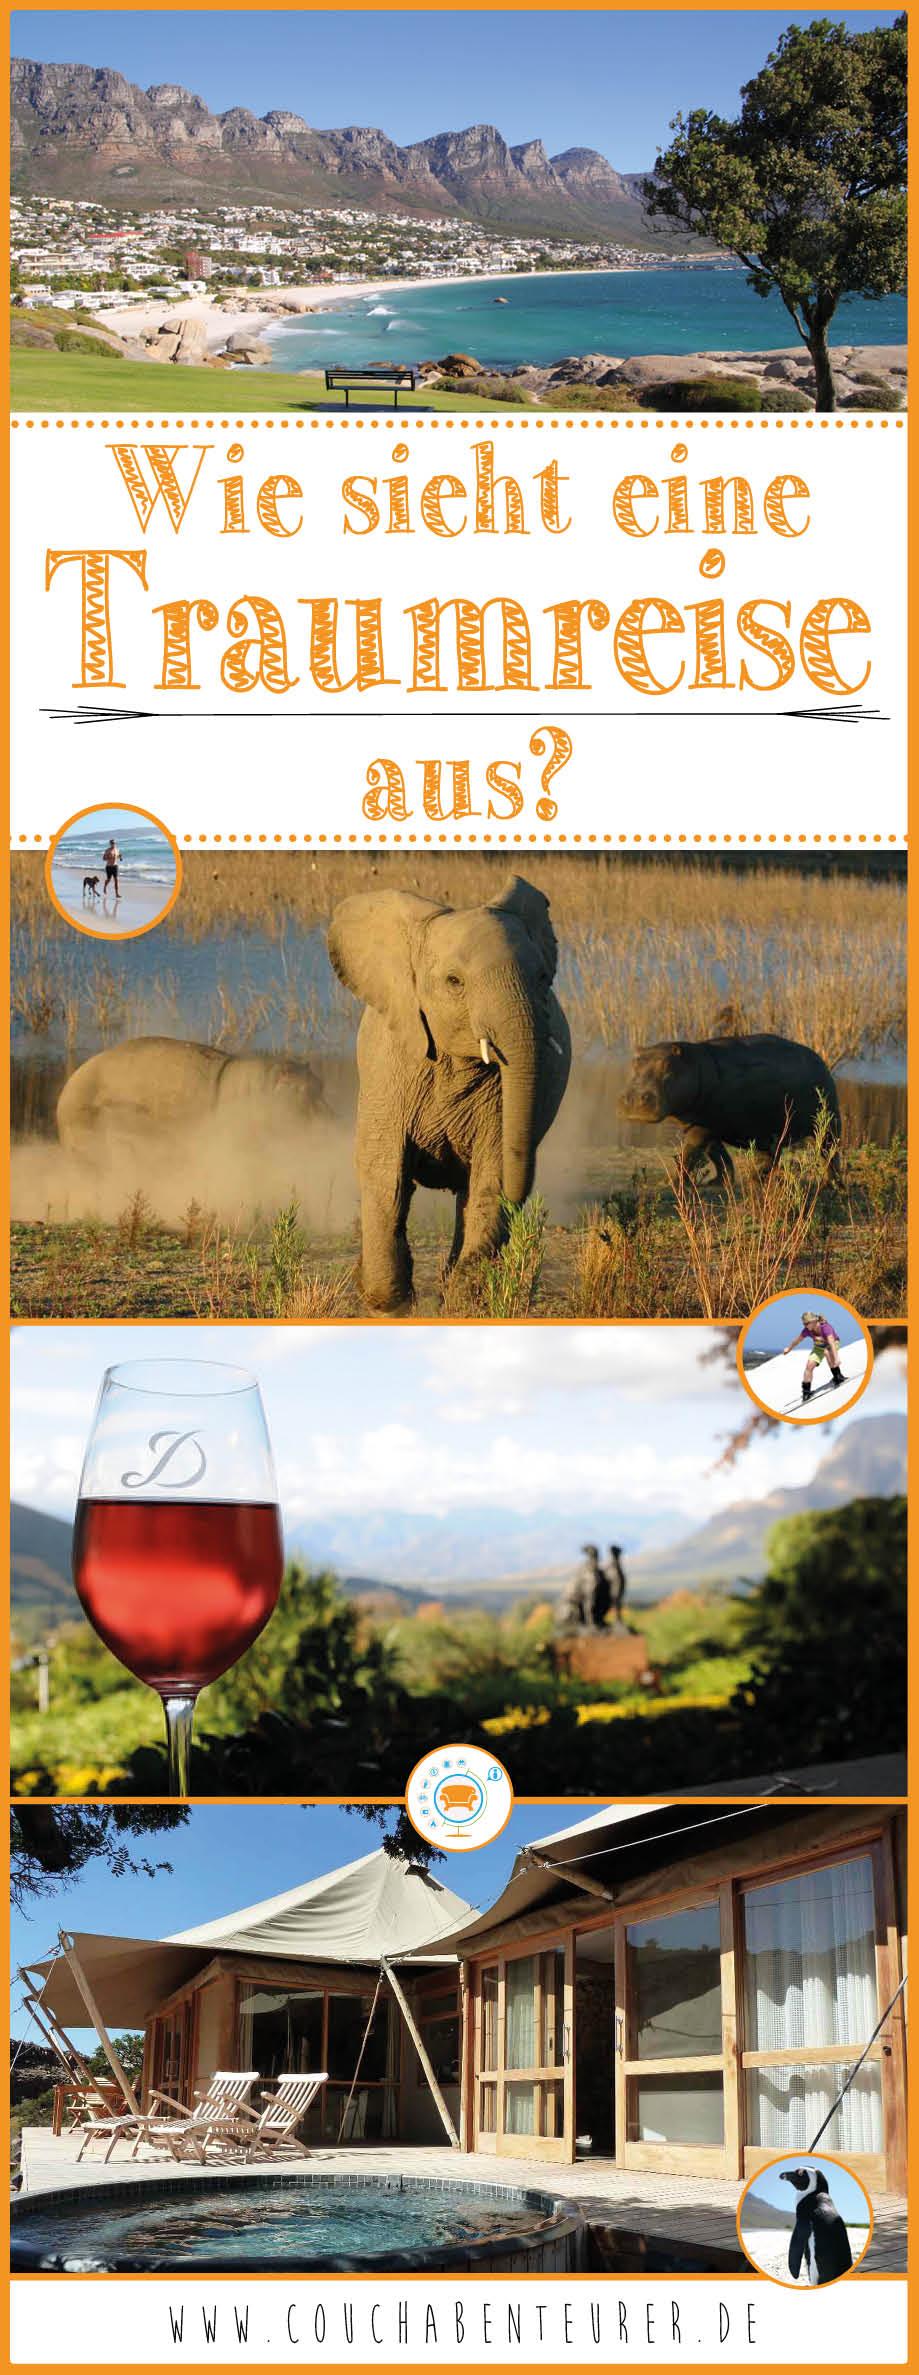 Wie-sieht-eine-Traumreise-aus-Südafrika